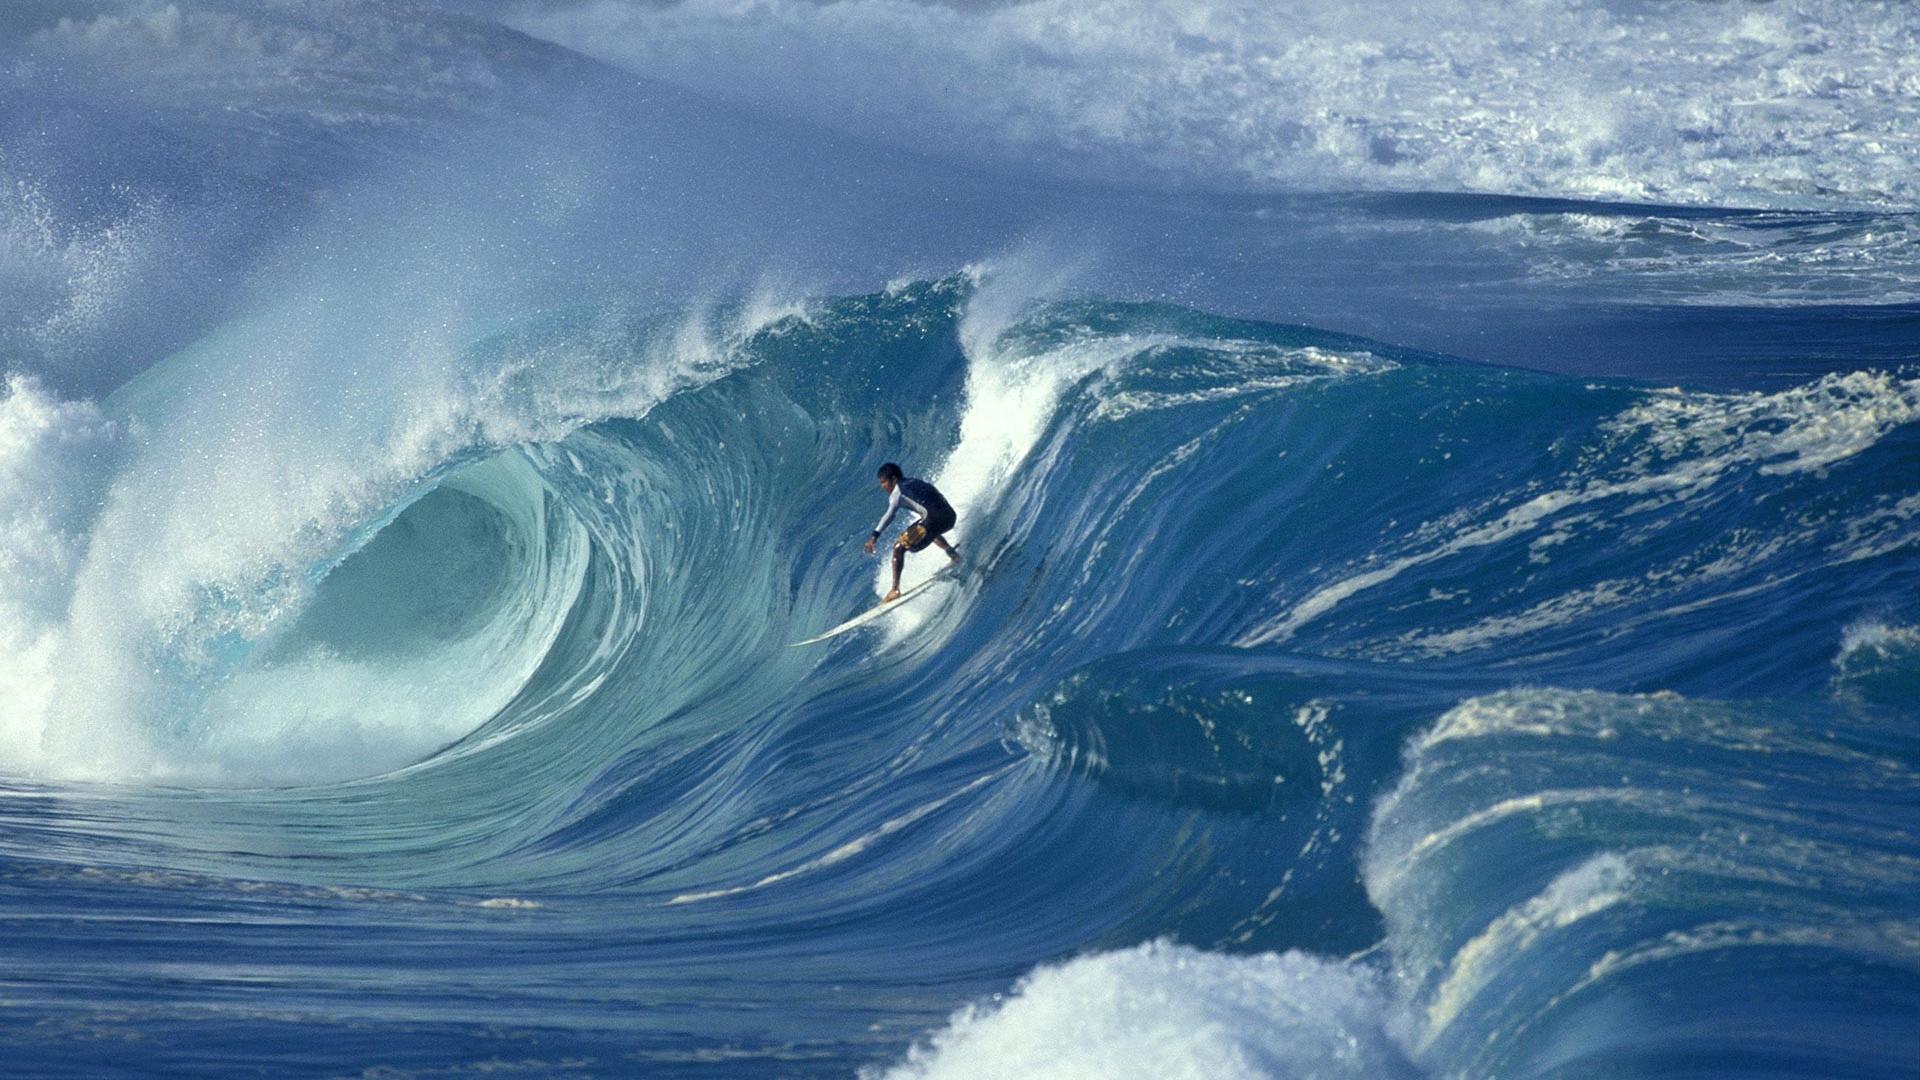 Ocean Wave Desktop Backgrounds HD wallpaper background 1920x1080